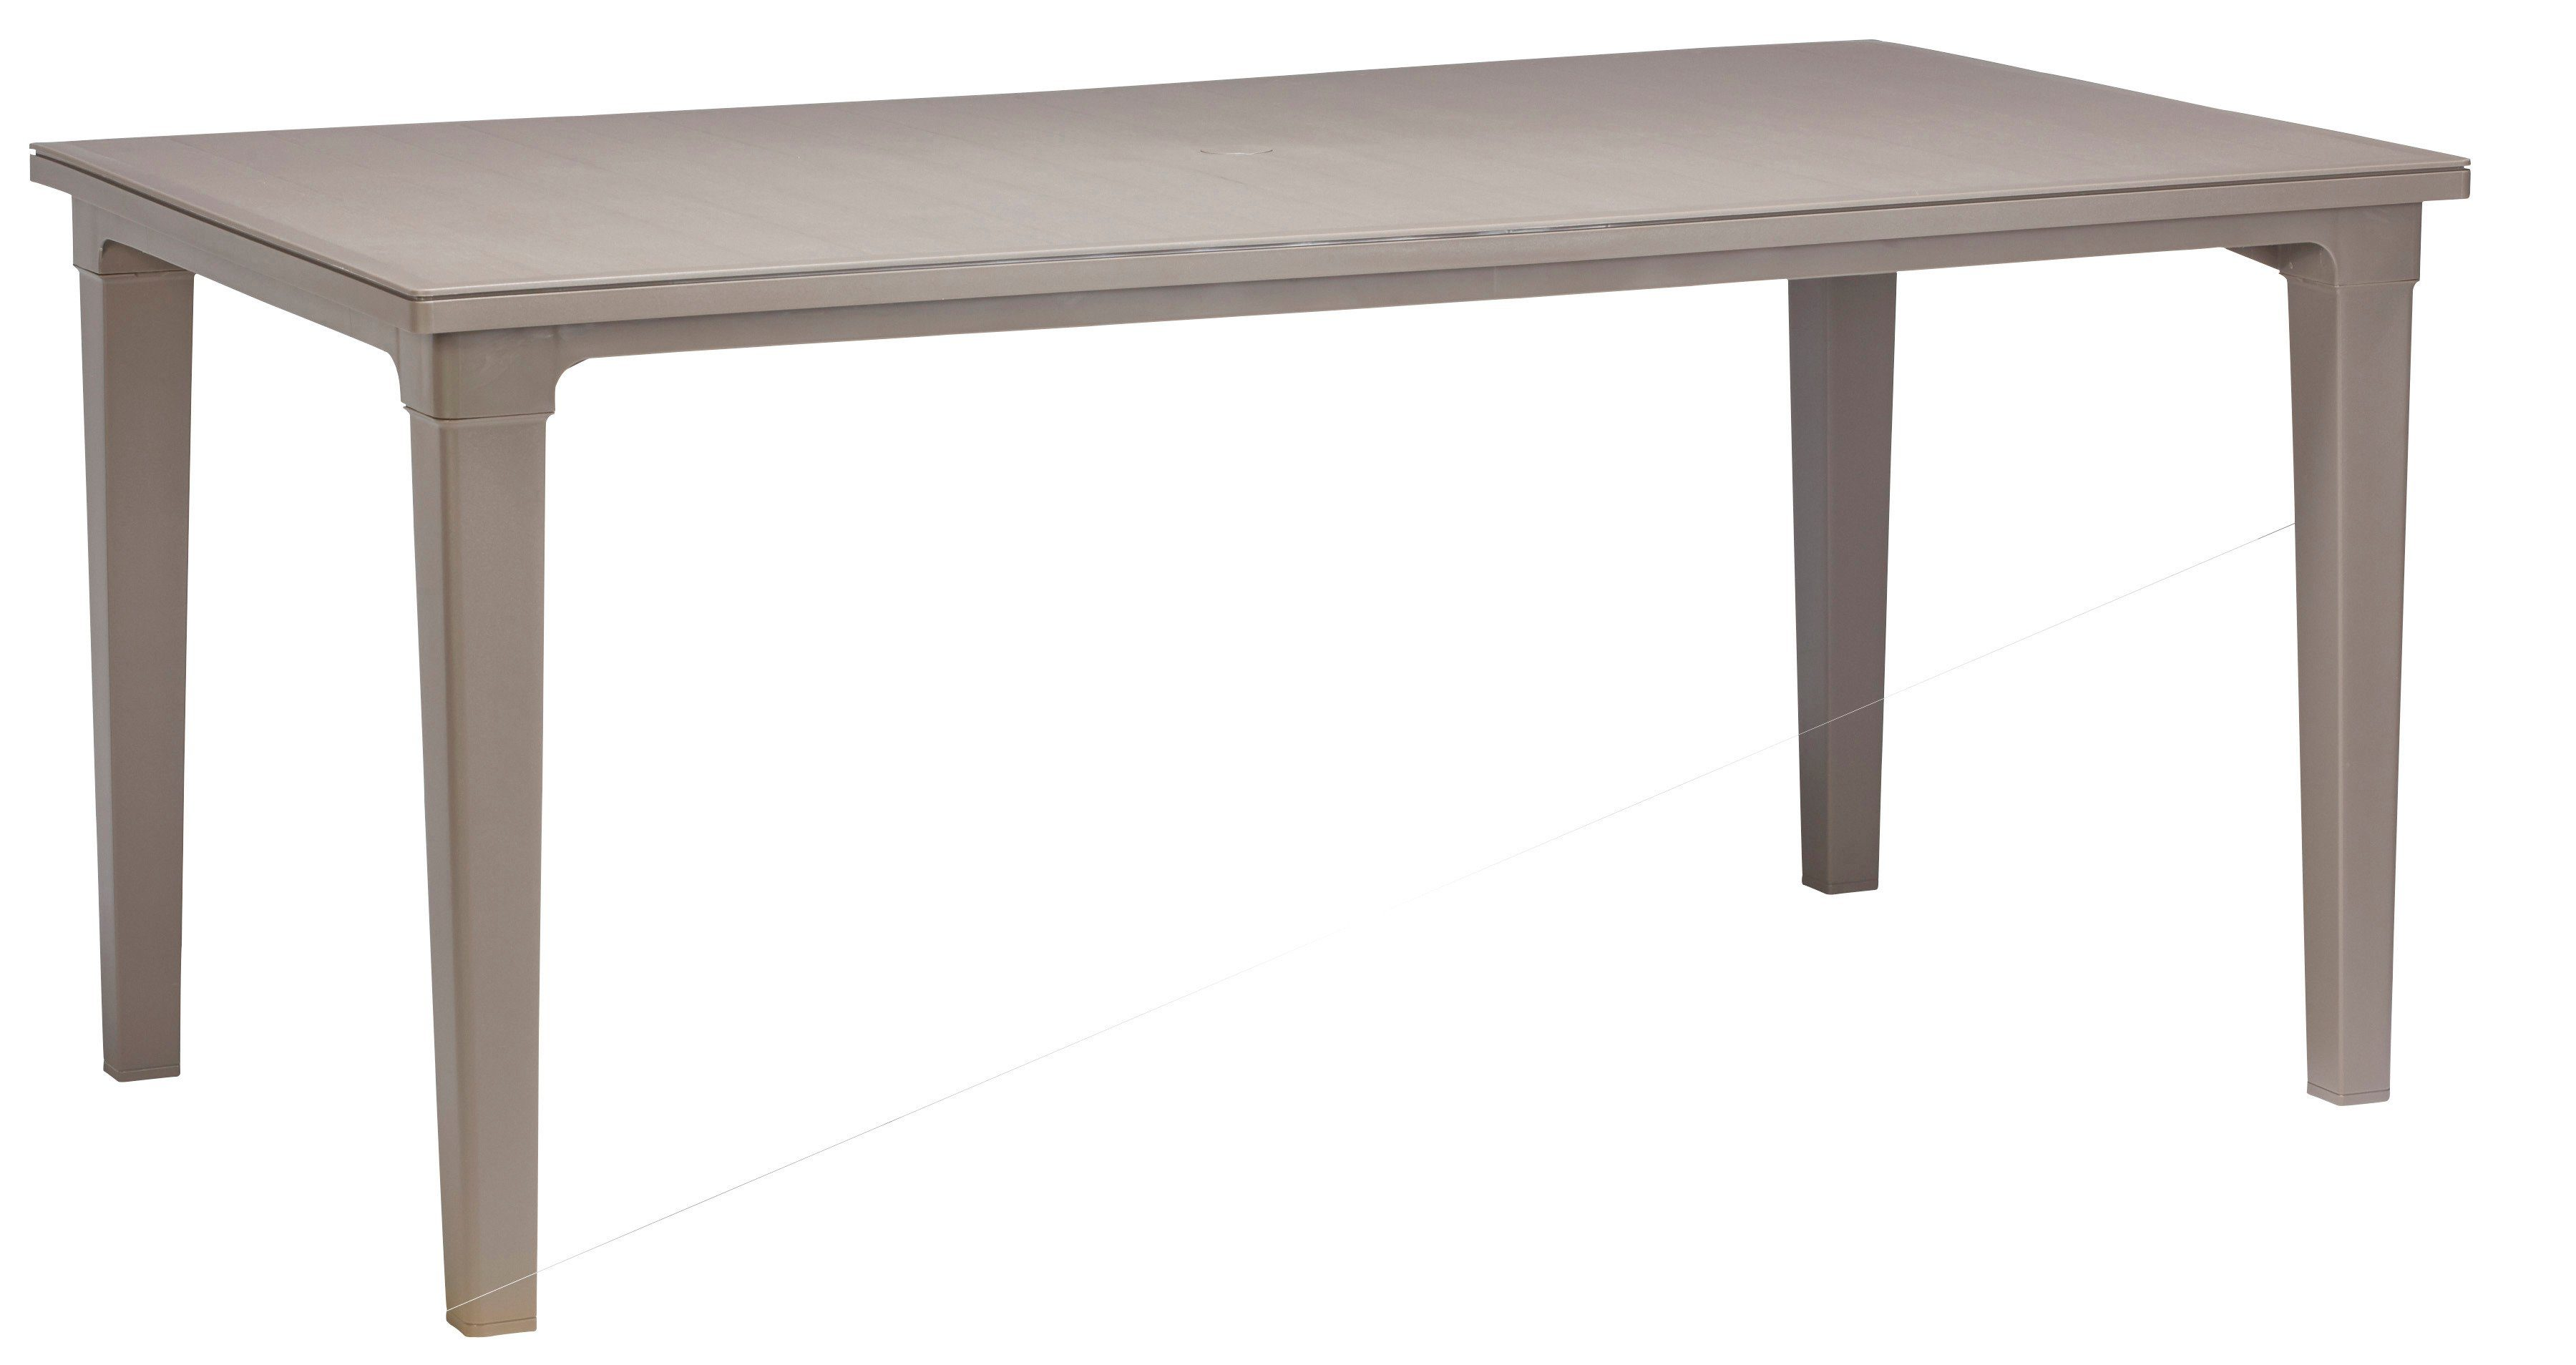 BEST Gartentisch »Futura«, Kunststoff, 165x94 cm